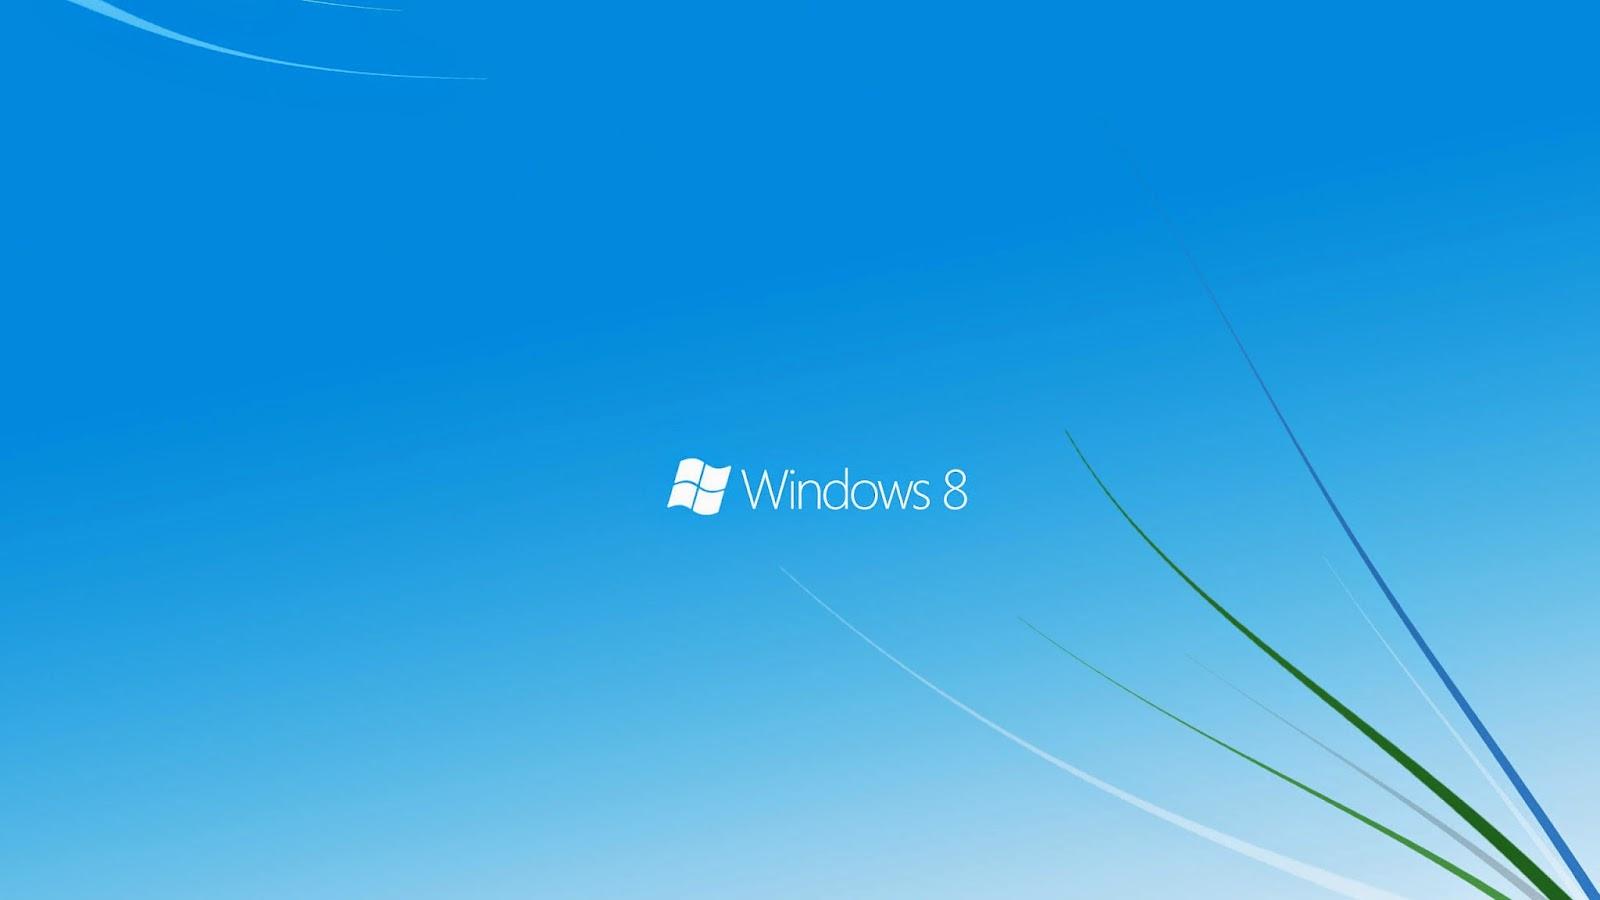 Windows-8-Full-HD-1080p-floral-abstract-wallpaper-for-developer-designer.jpg